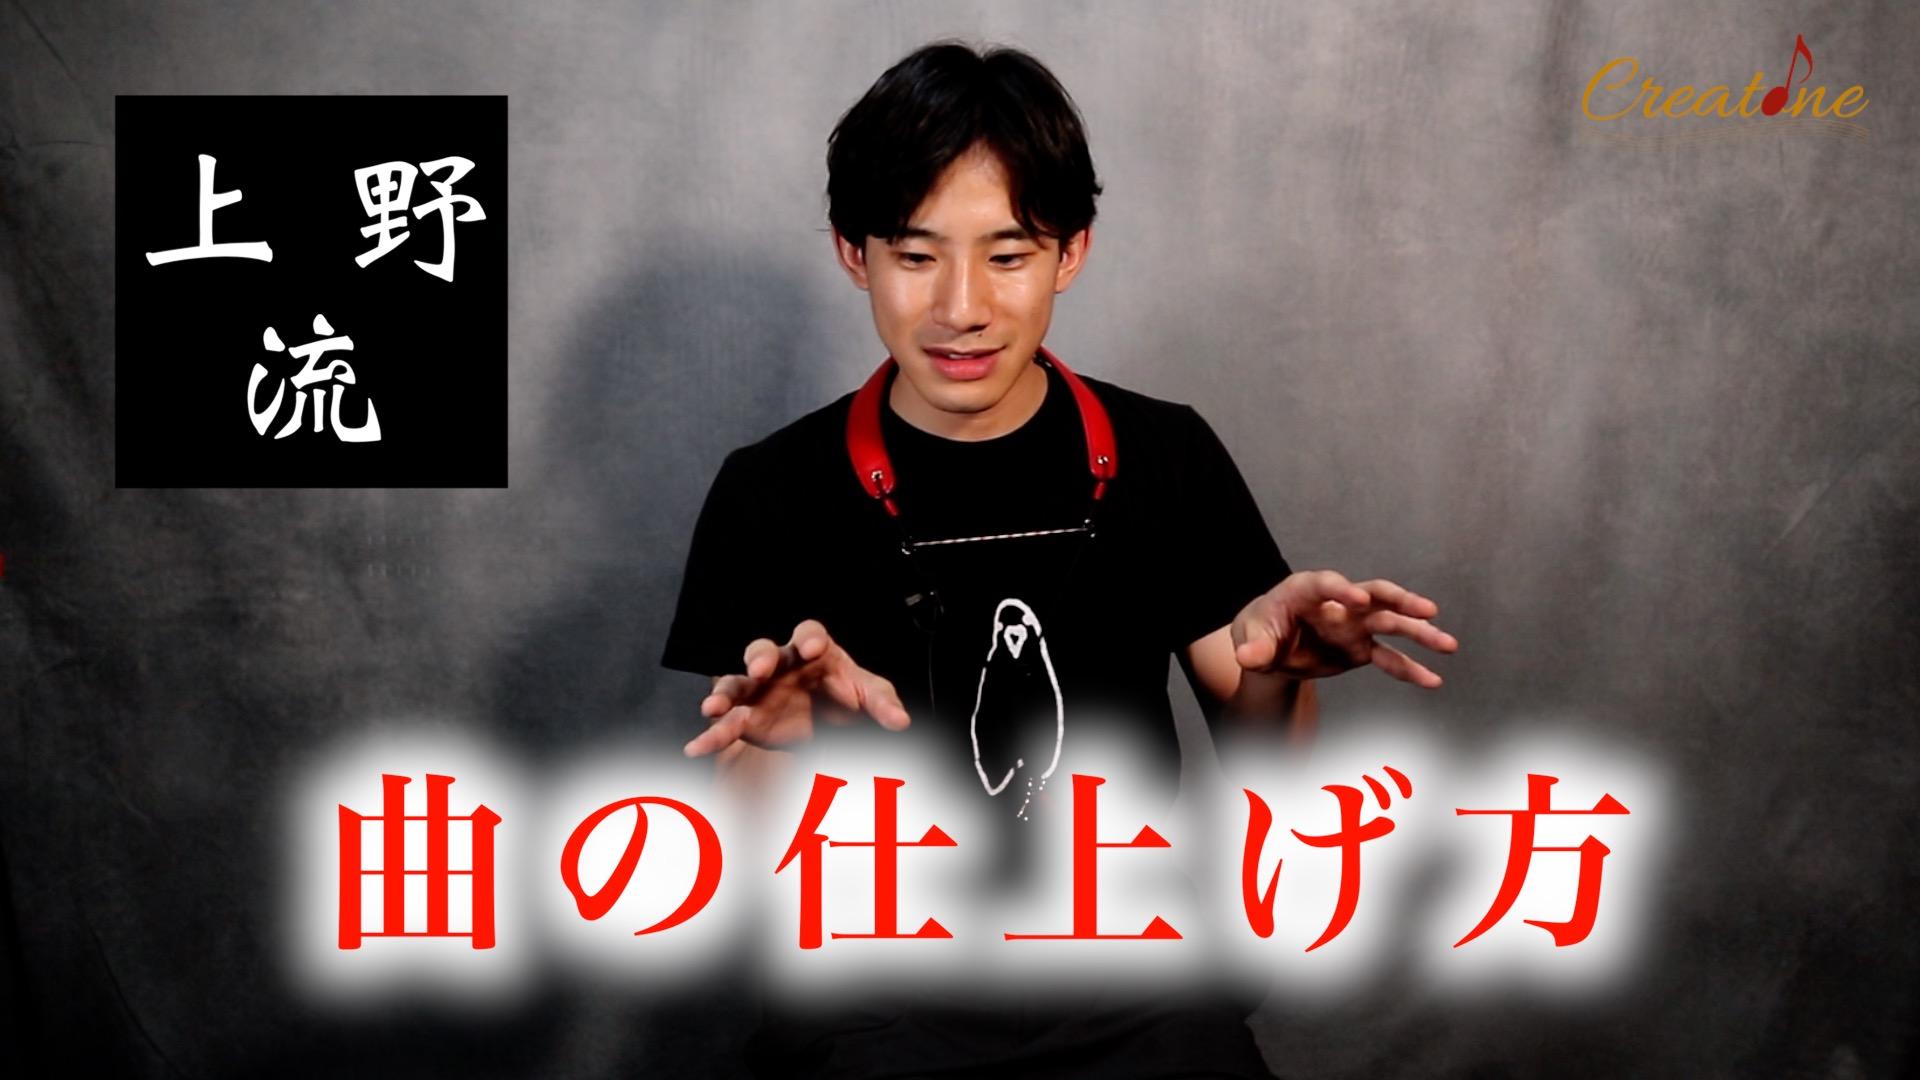 上野耕平21 曲の仕上げ方 サムネ